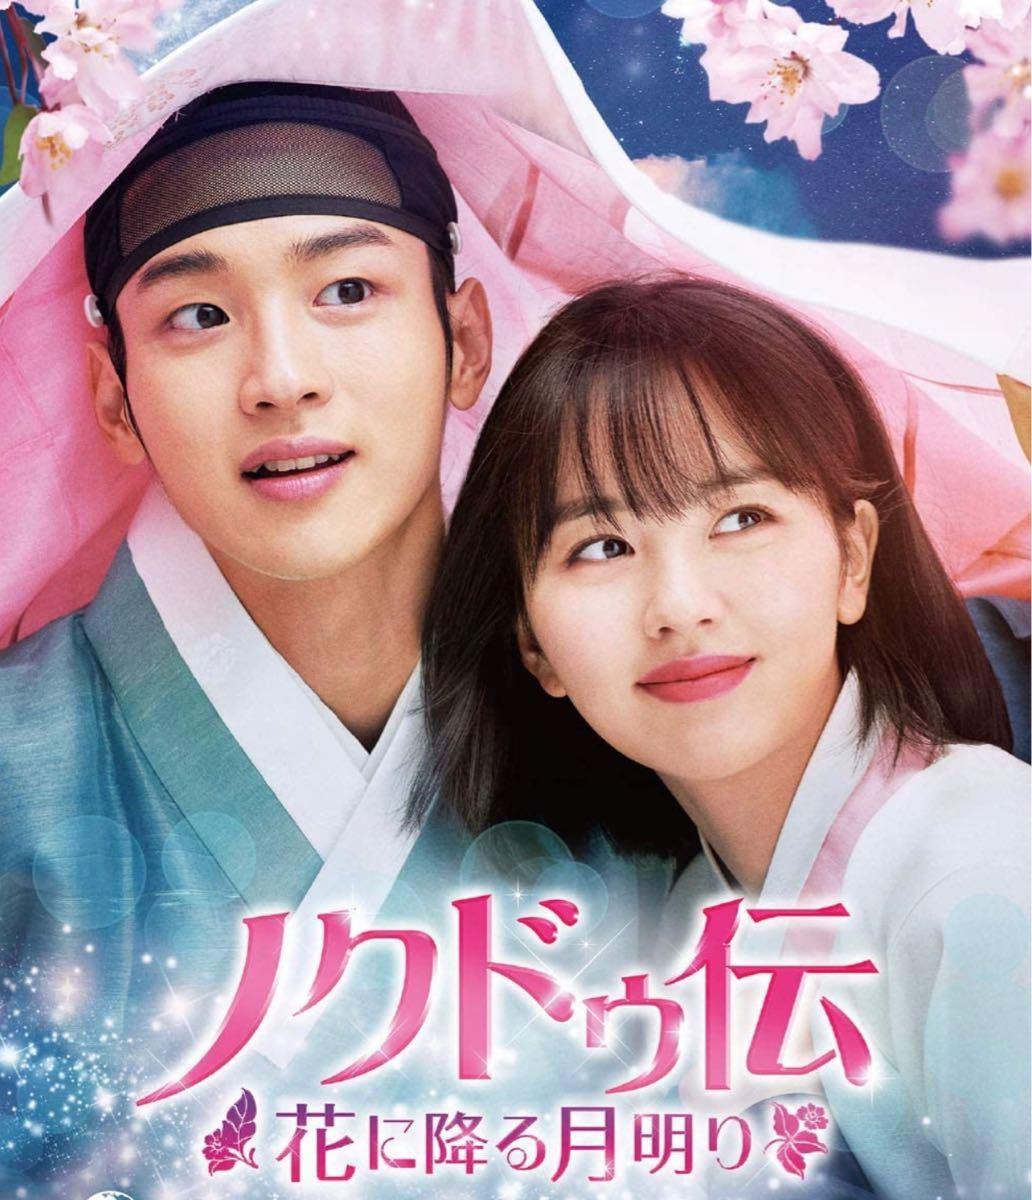 韓国ドラマ『ノクドゥ伝』Blu-ray  チャン・ドンユン/キム・ソヒョン /カン・テオ(5urprise)